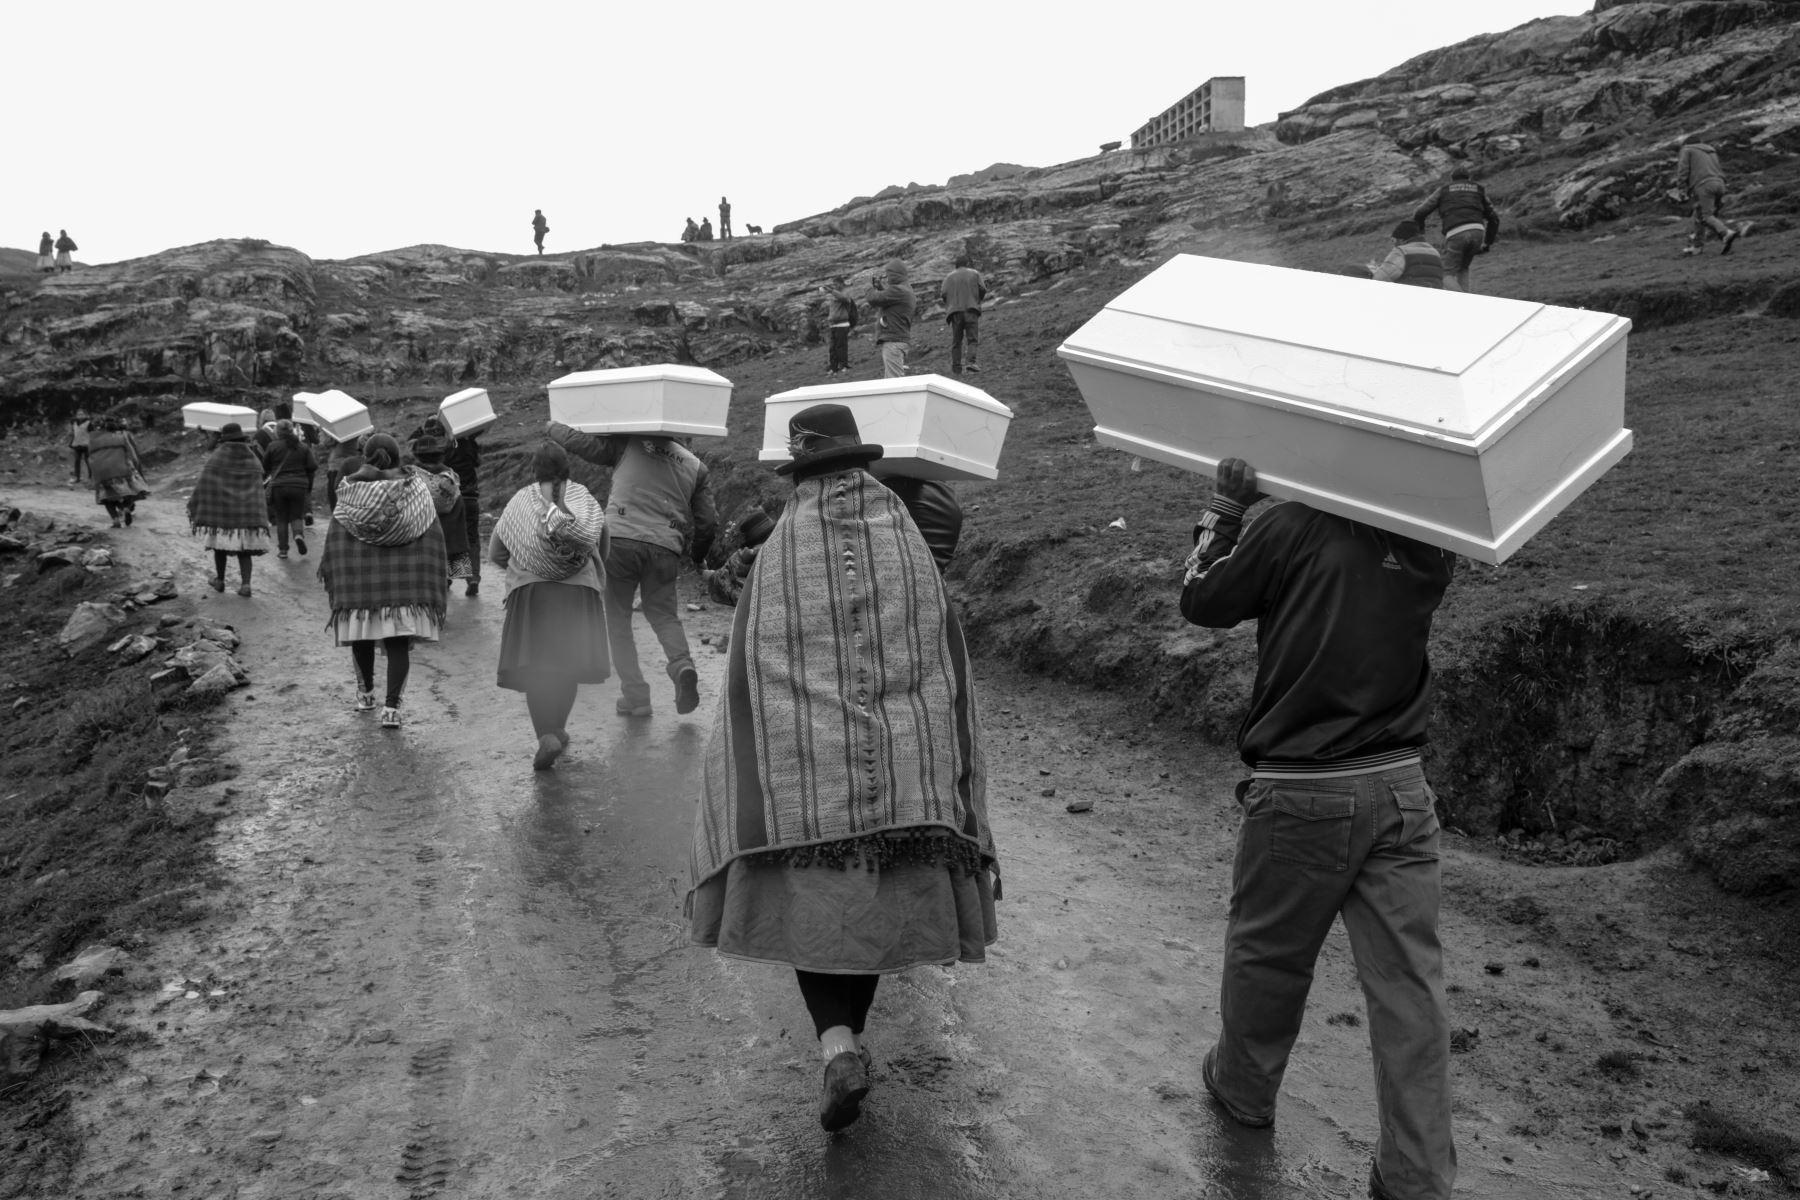 Empieza la peregrinación de los familiares cargando los féretros a  la colina de piedra de laja donde serán sepultados.  Foto: ANDINA/Jack Ramón